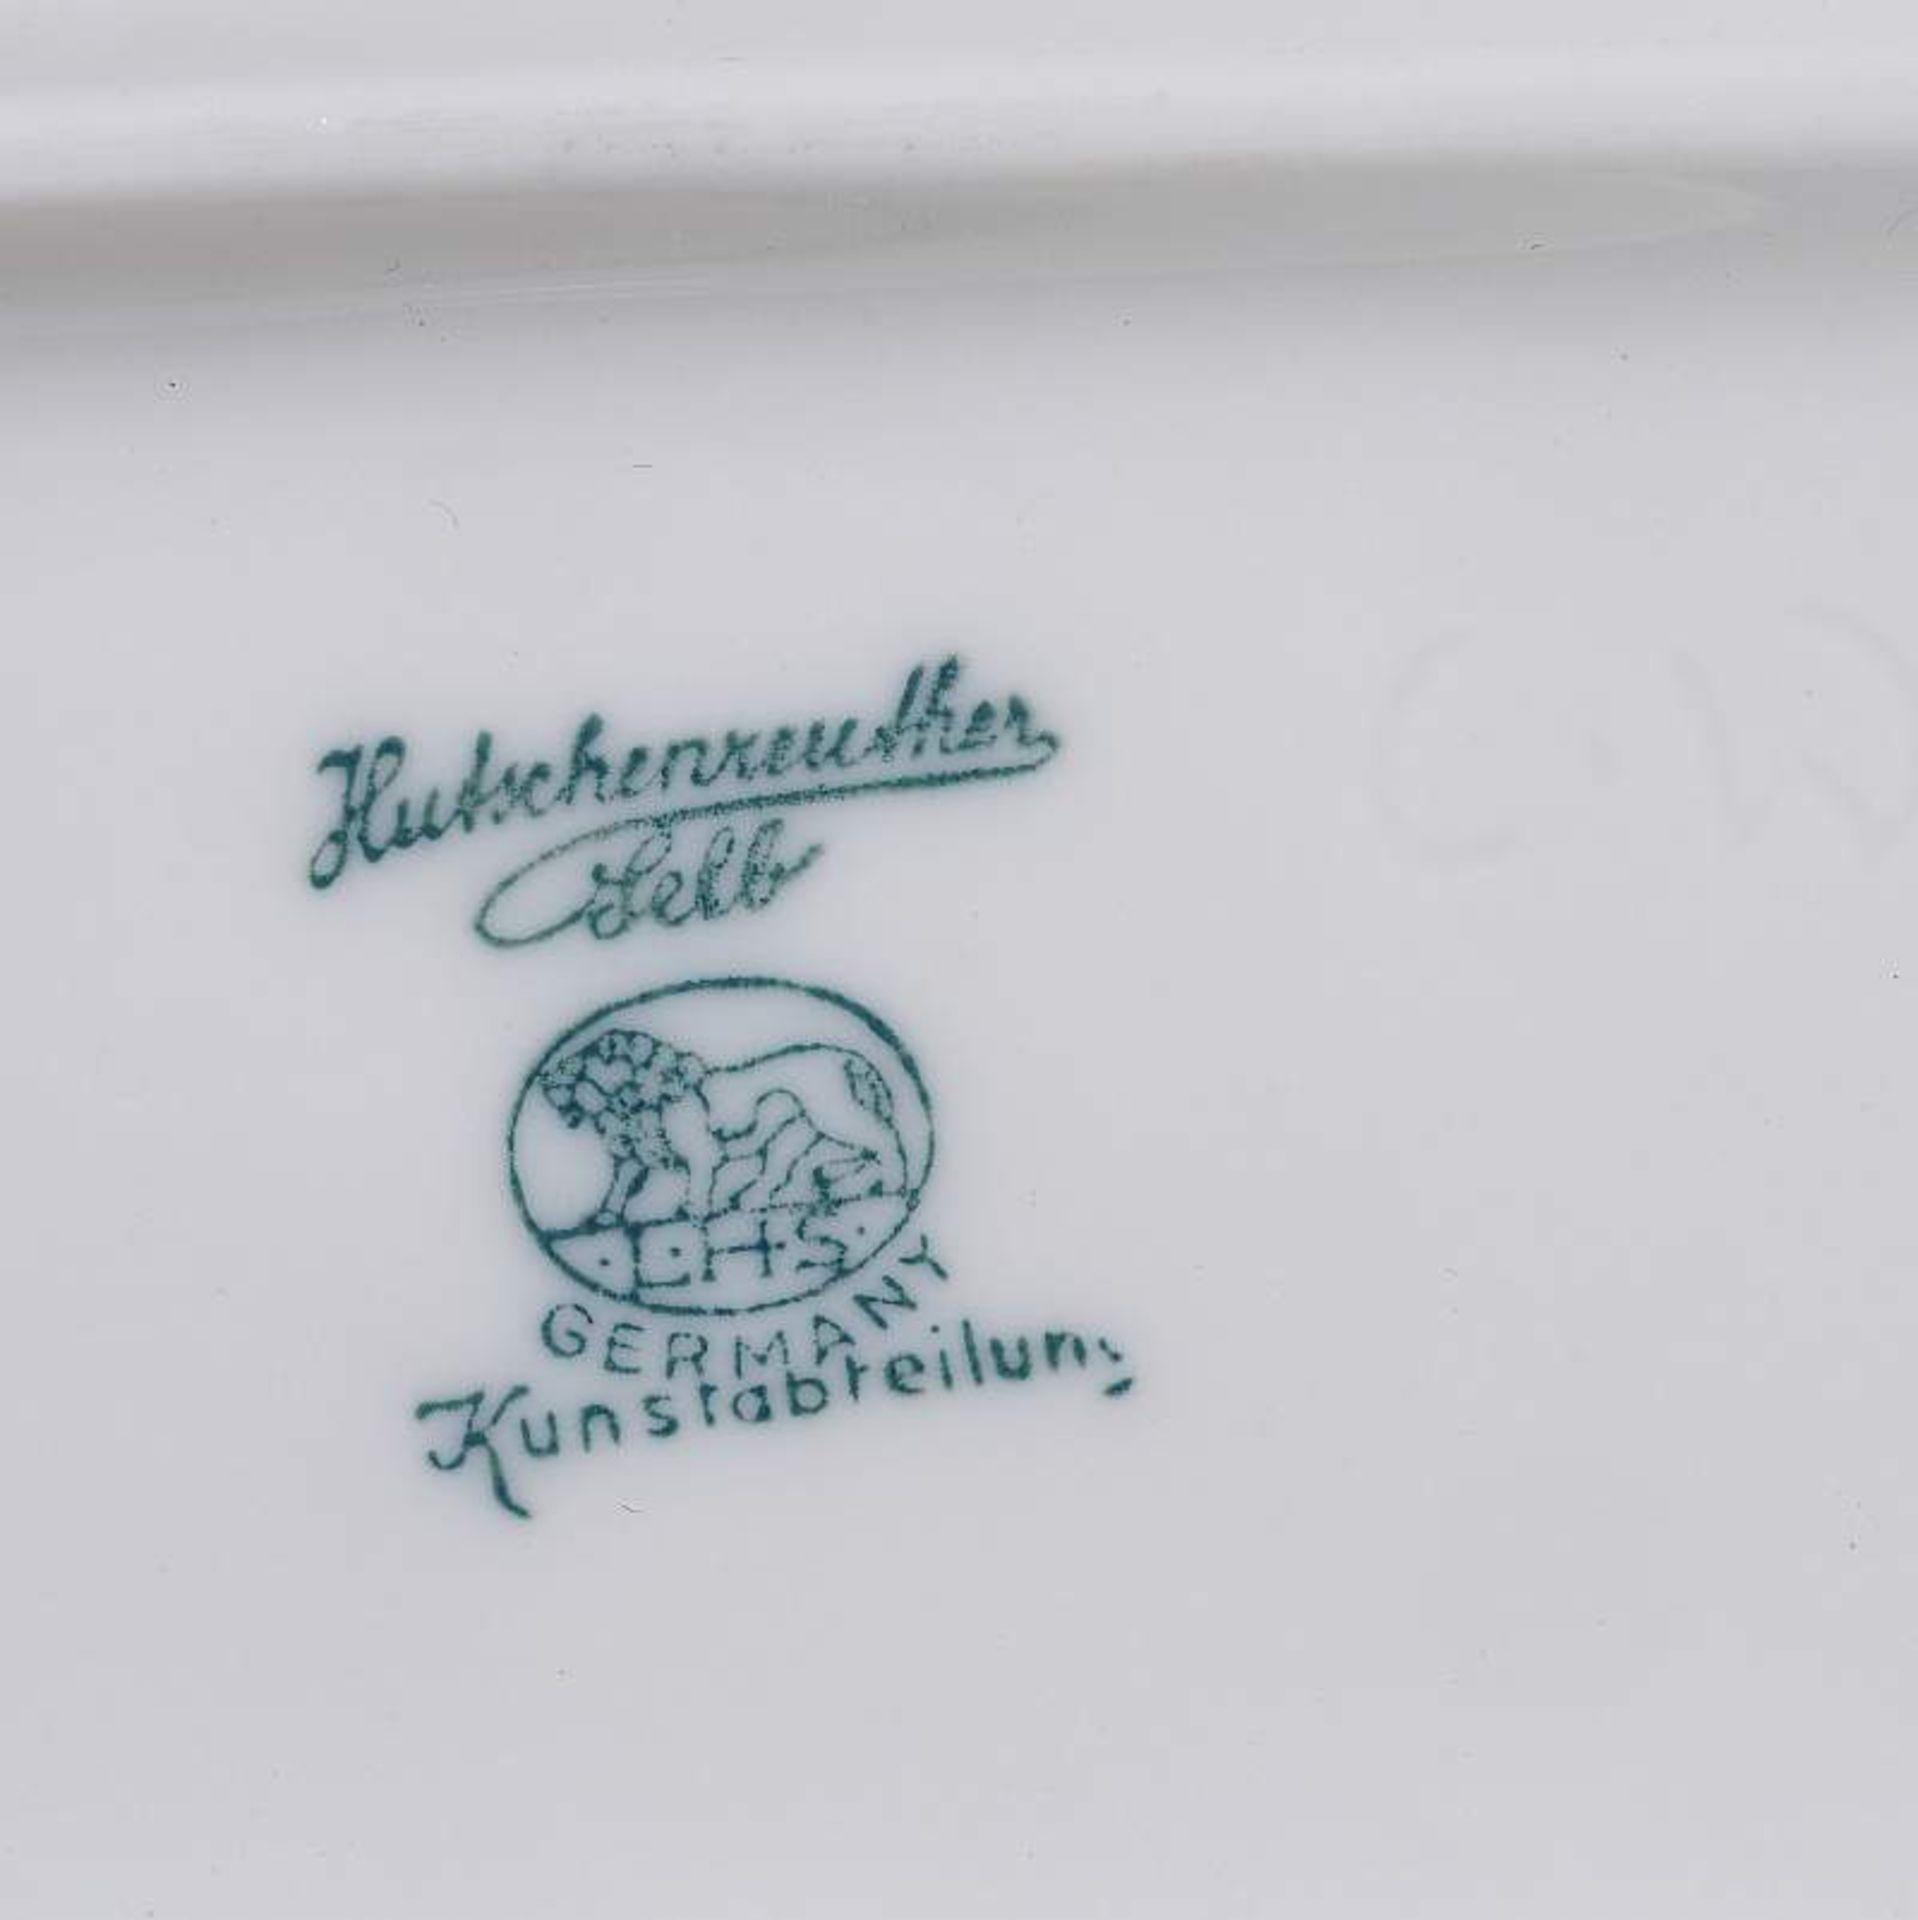 Los 34 - Mädchen mit Reh, ROSENTHAL. Mädchen mit Reh, ROSENTHAL, Germany Kunstabteilung Selb, handgemalt.